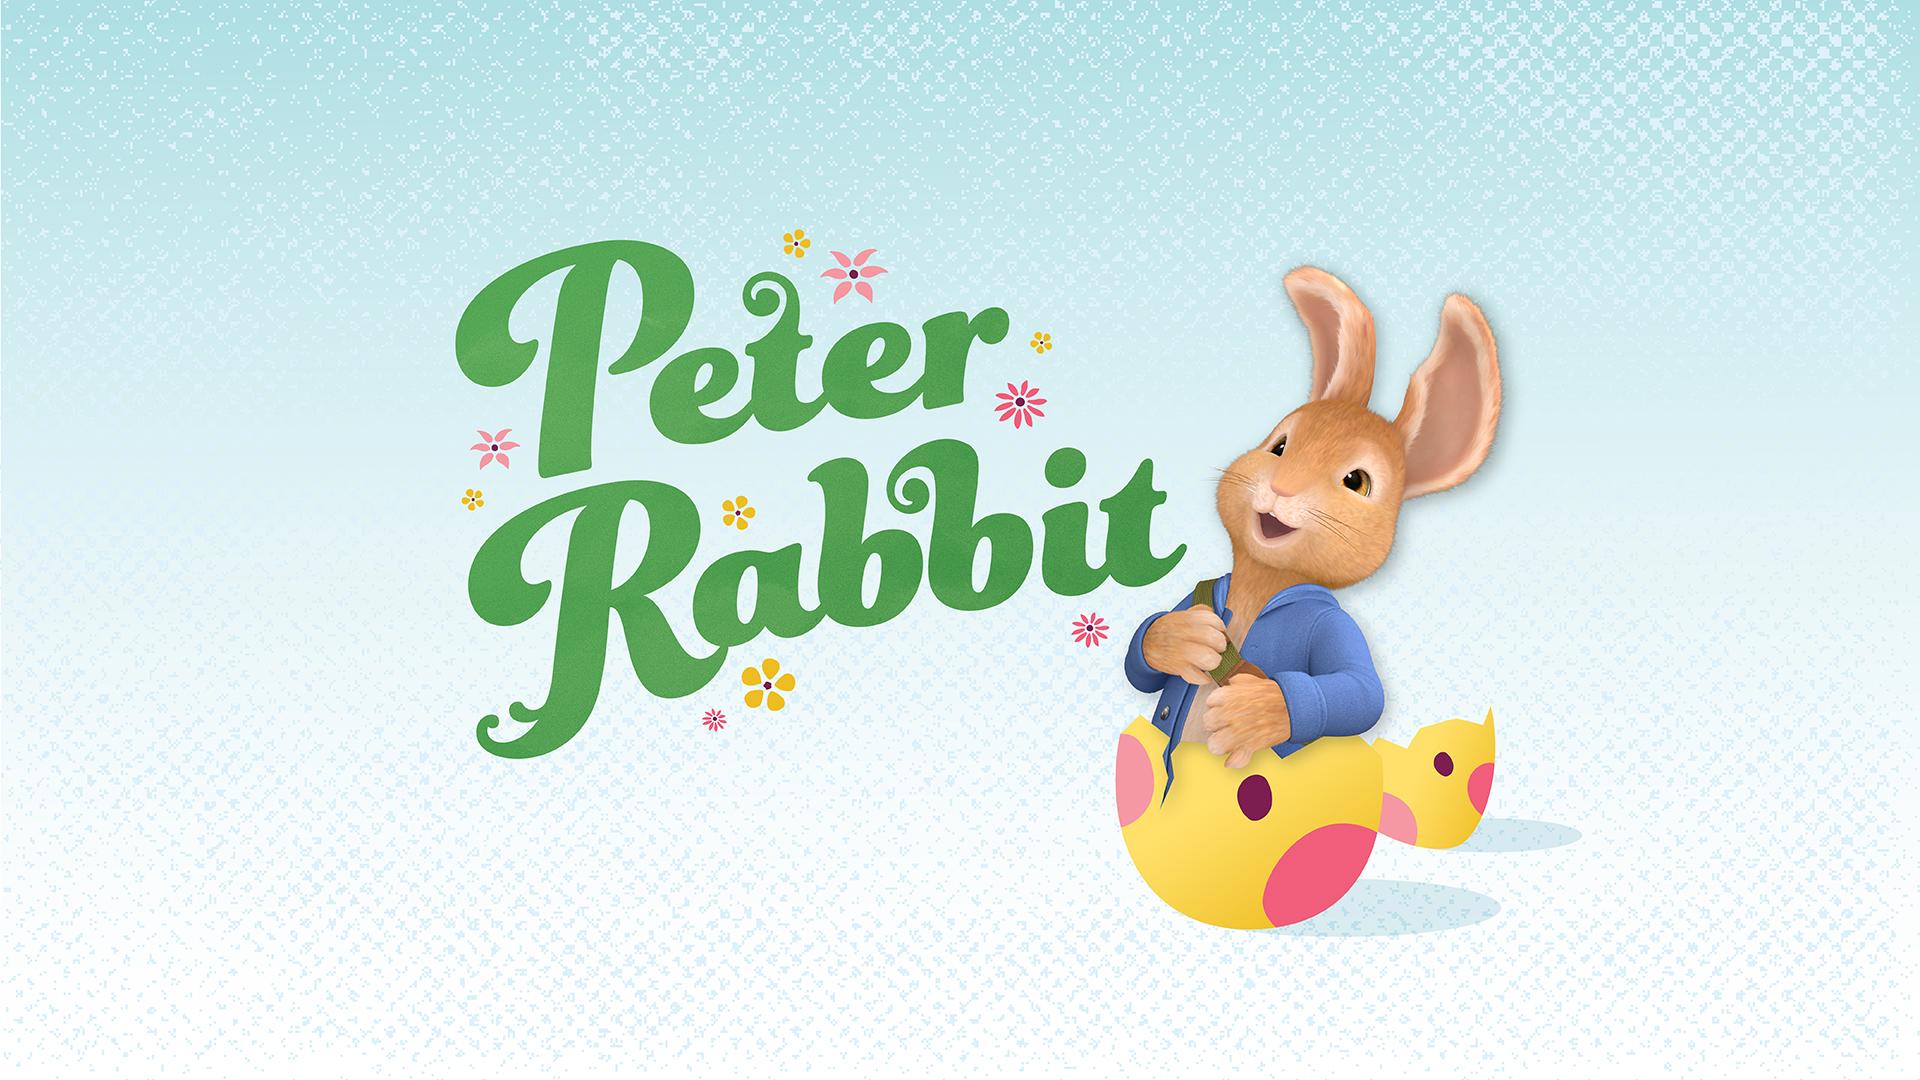 Easter_Promo_Peter_Rabbit-01.jpg